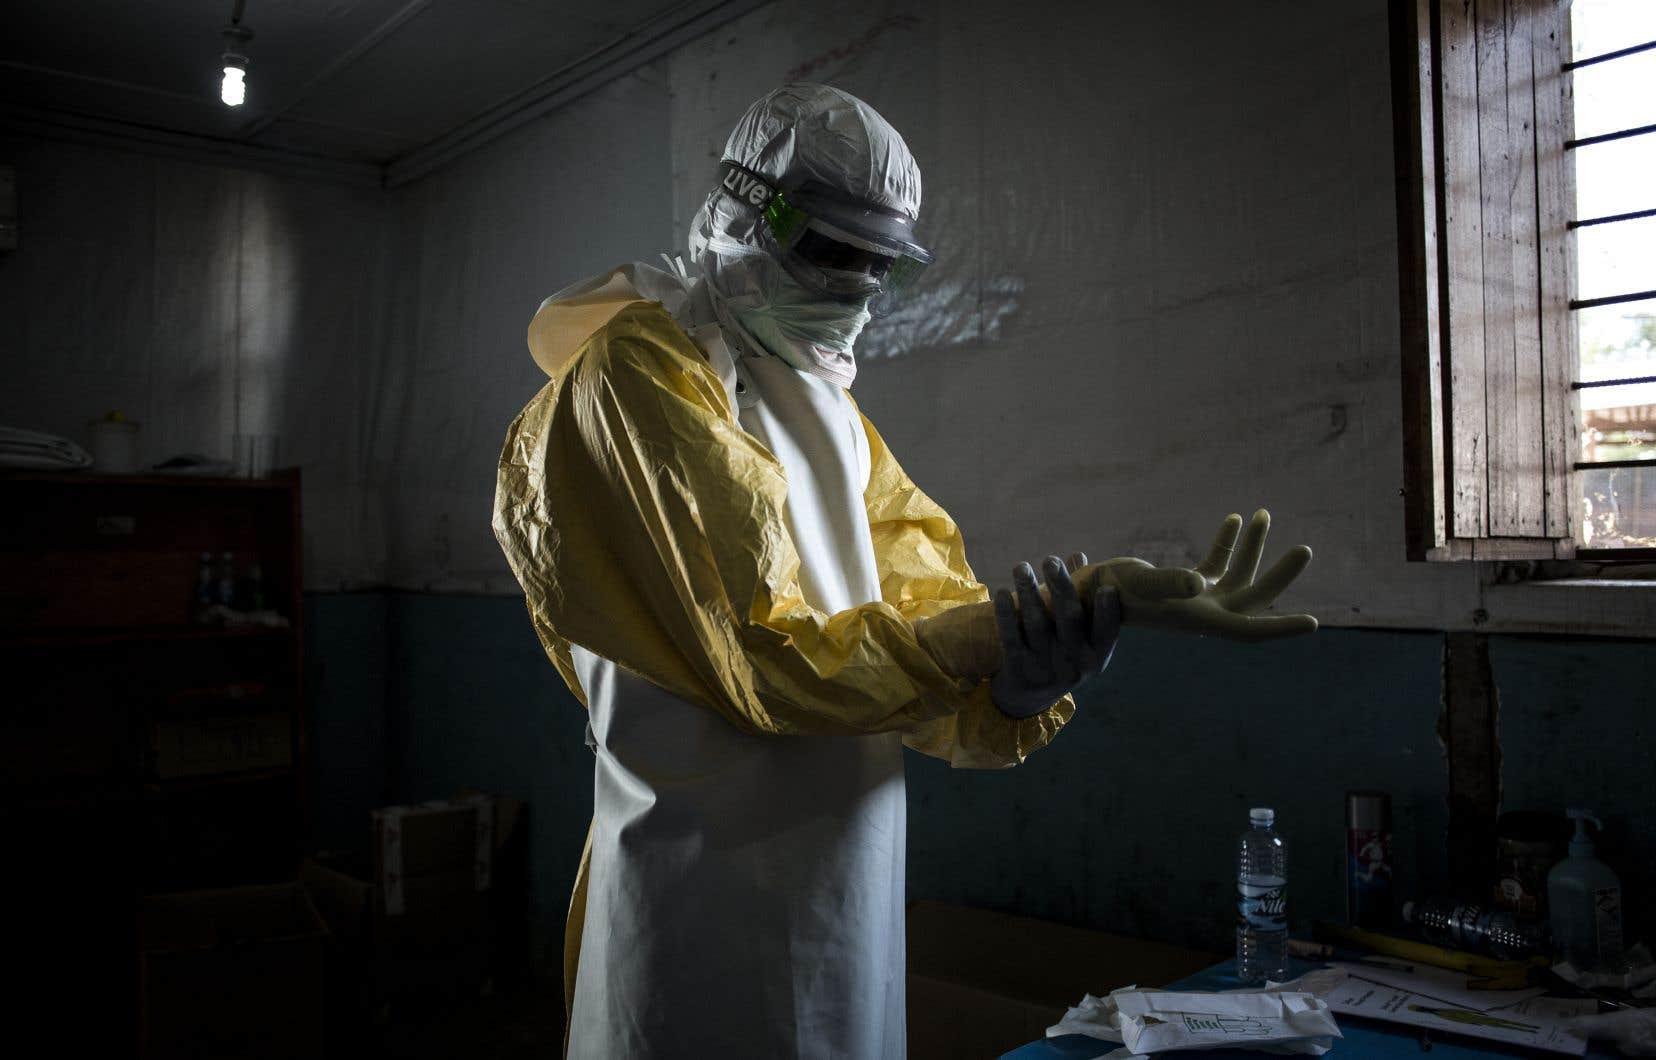 La dixième épidémie d'Ebola en RDC touche les provinces du Nord-Kivu et de l'Ituri, des régions en proie à l'insécurité depuis plus de deux décennies.